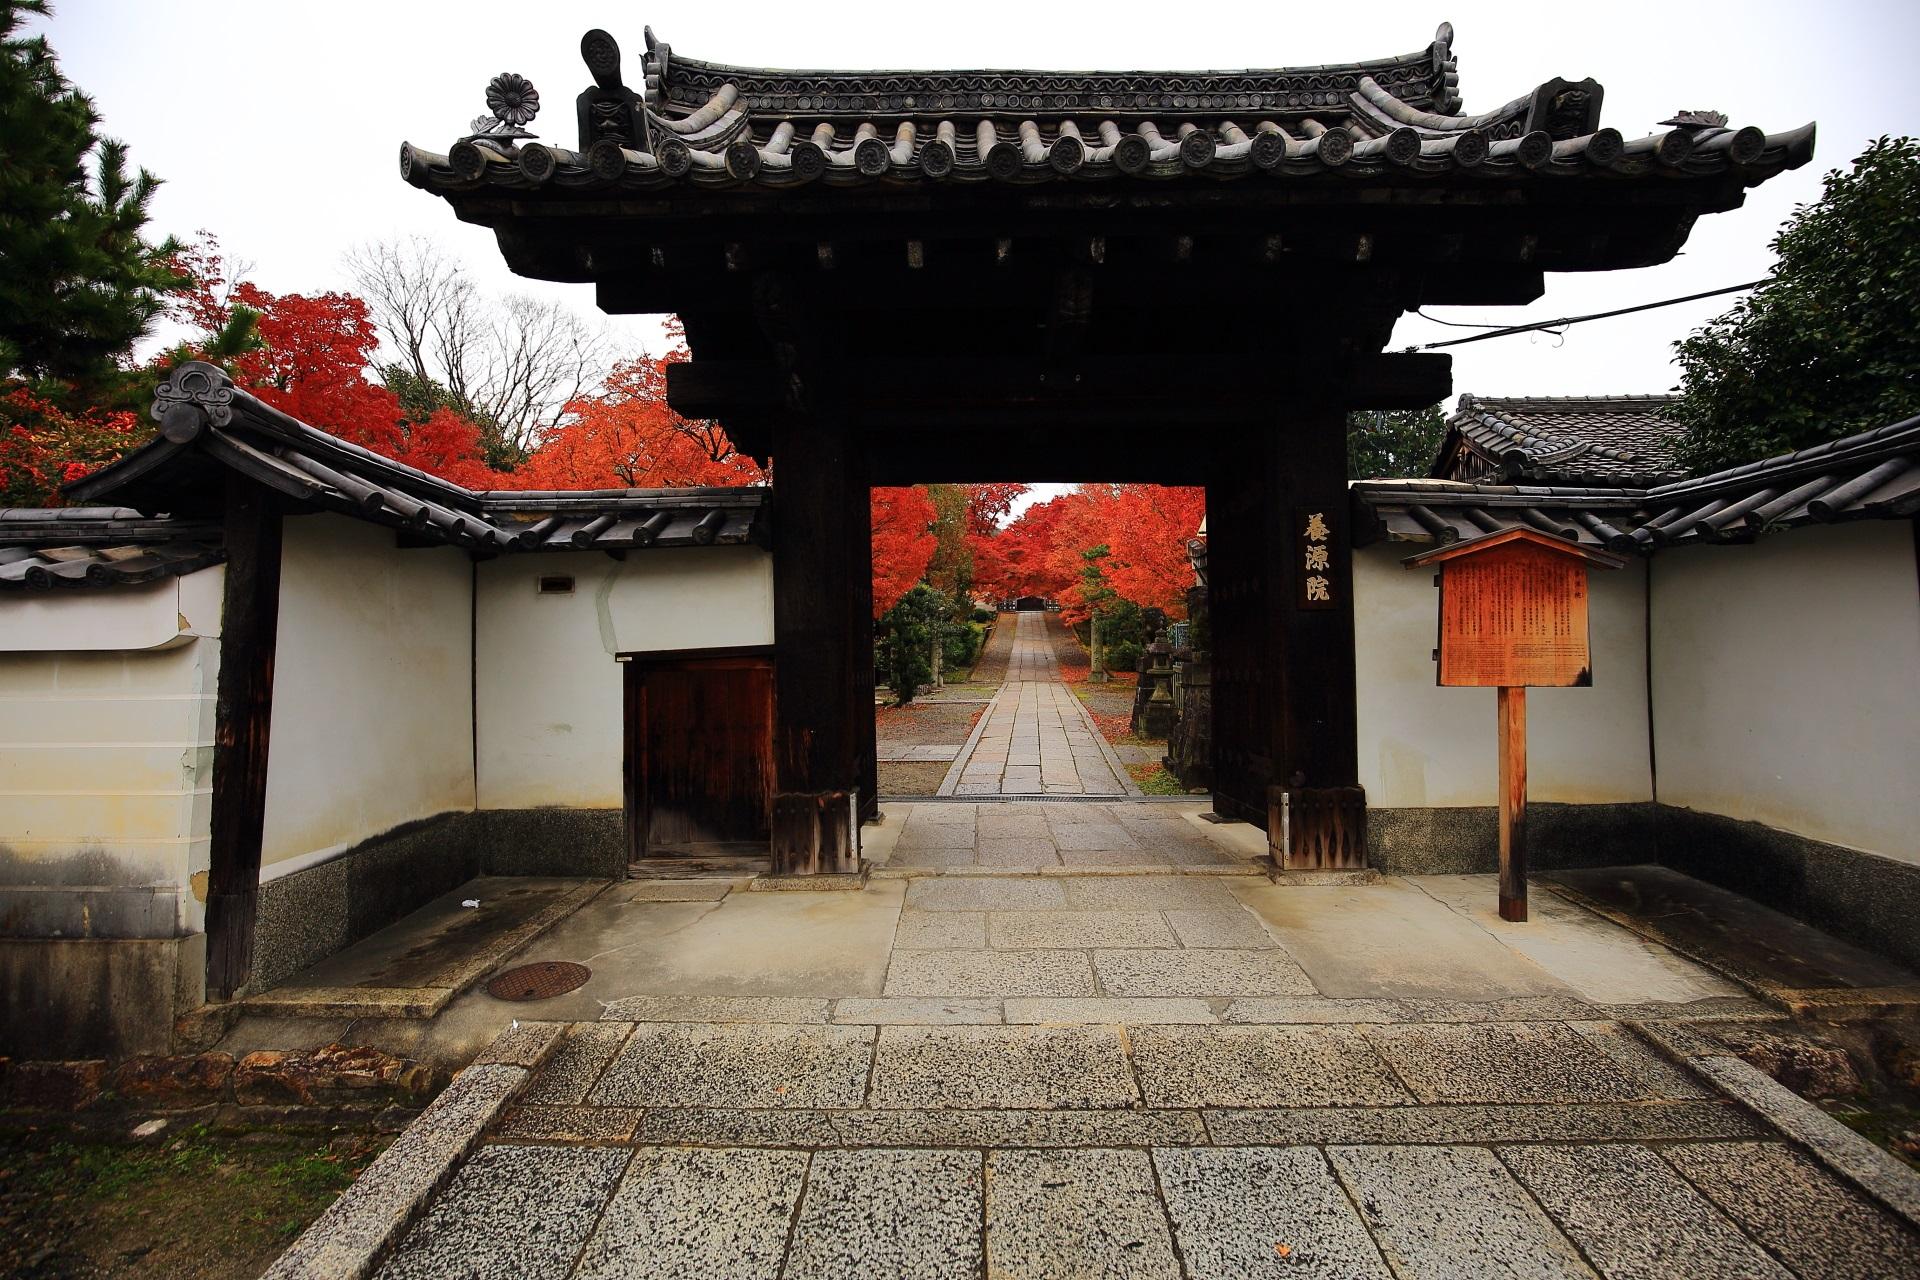 養源院の山門と奥に見える参道の紅葉